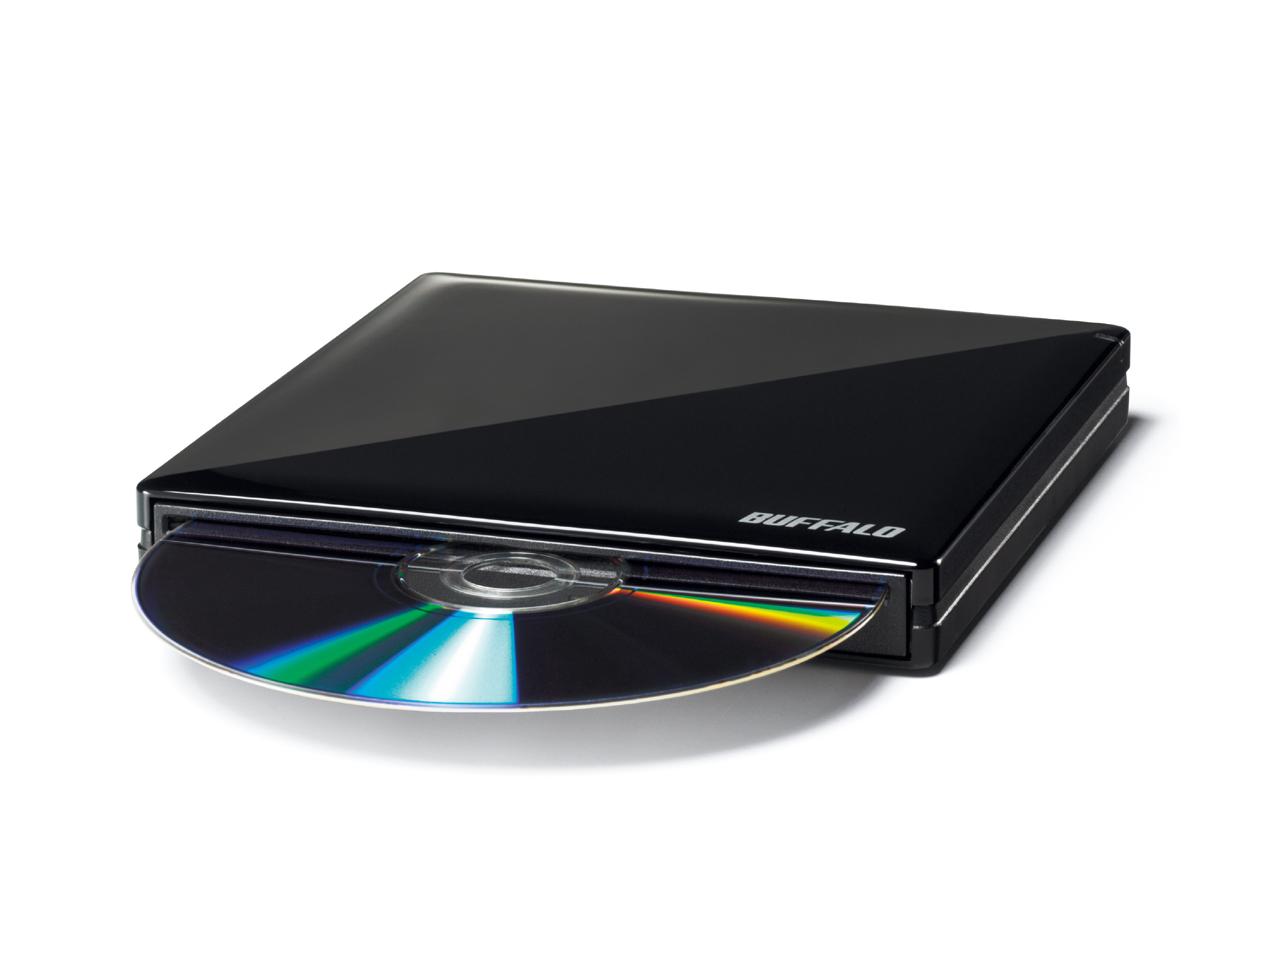 光學ドライブが使用不可能 : 【激安PC】Chromebookが今アツイ ...